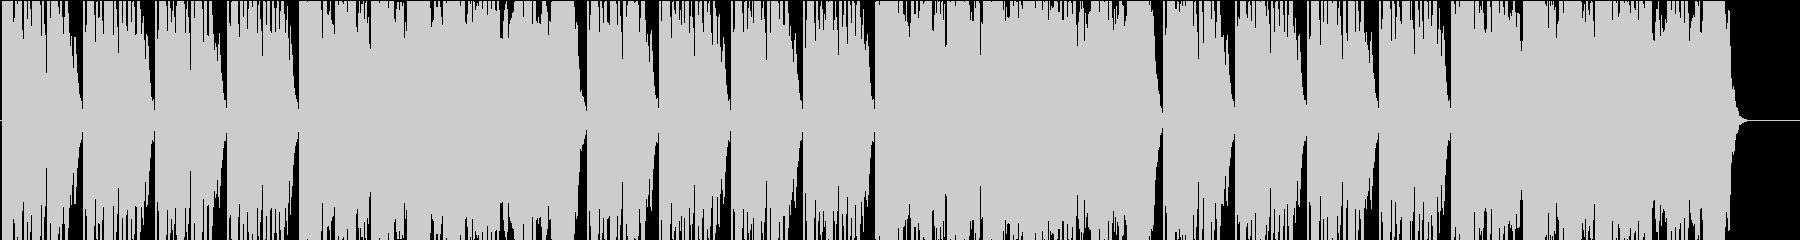 ほんわかした木琴のインストの未再生の波形